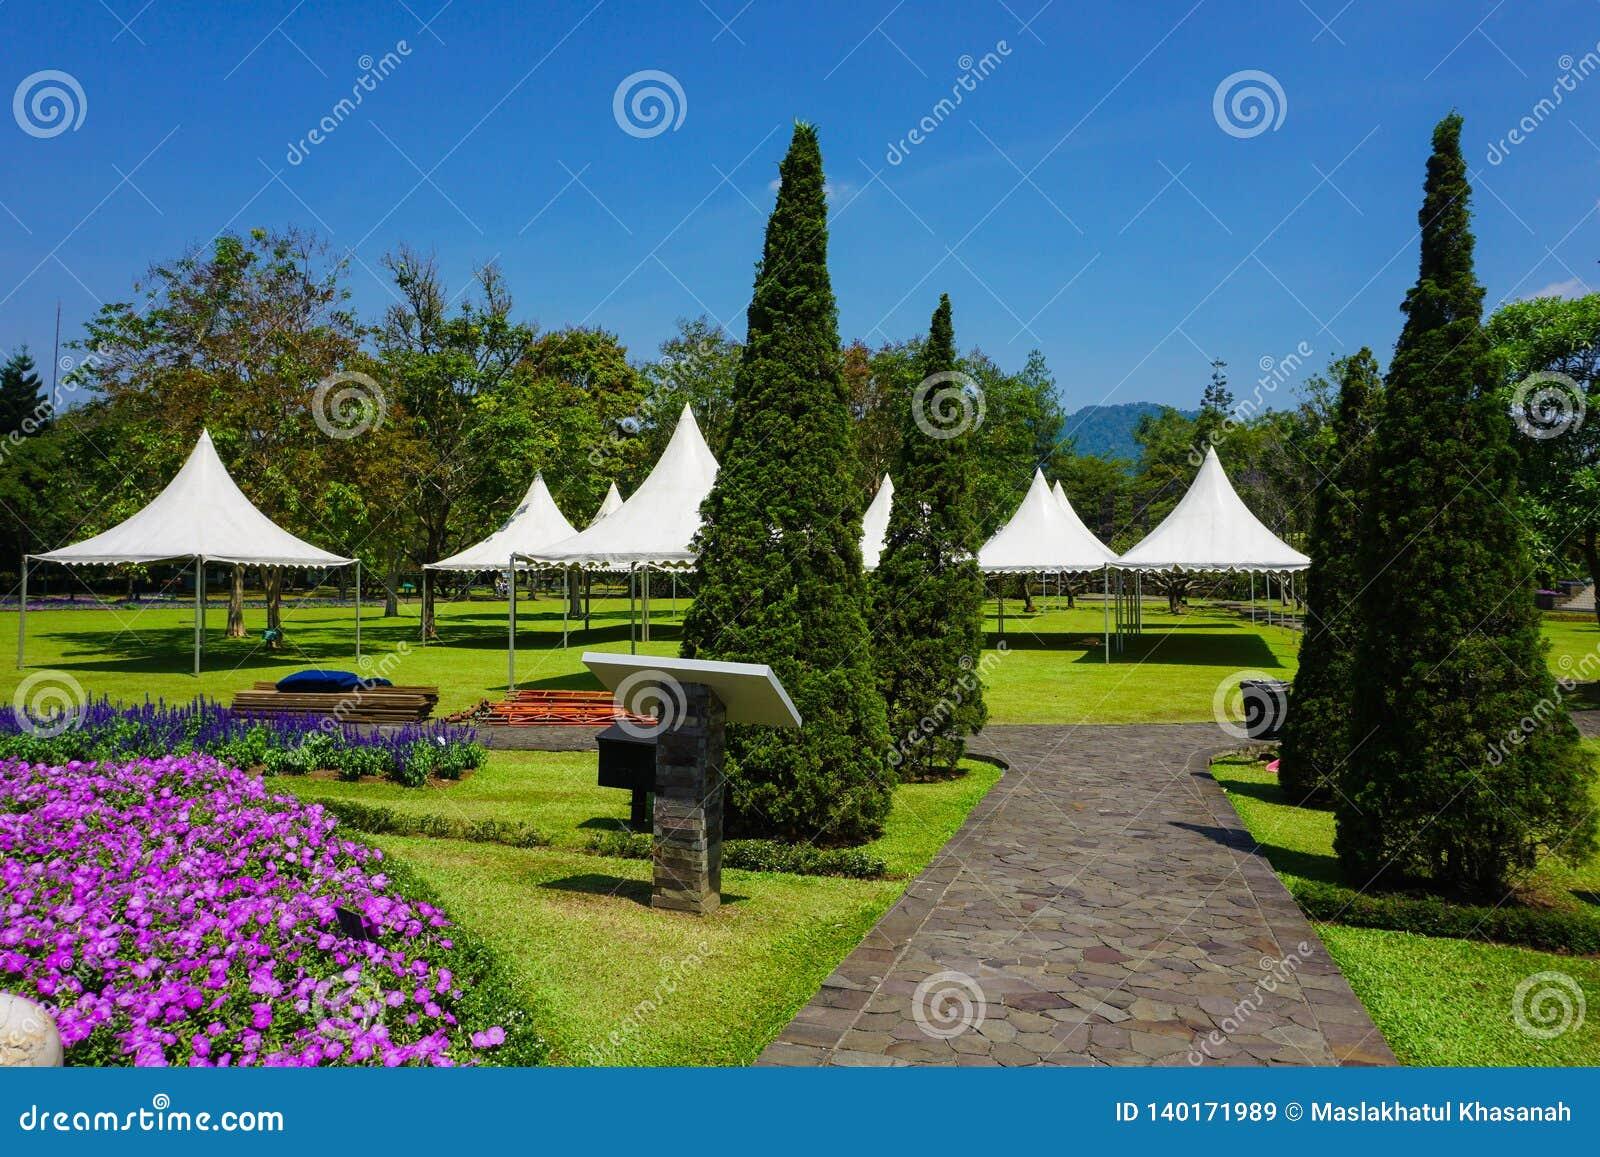 Via dalla pietra con andare alla tenda bianca sul parco - foto Indonesia bogor